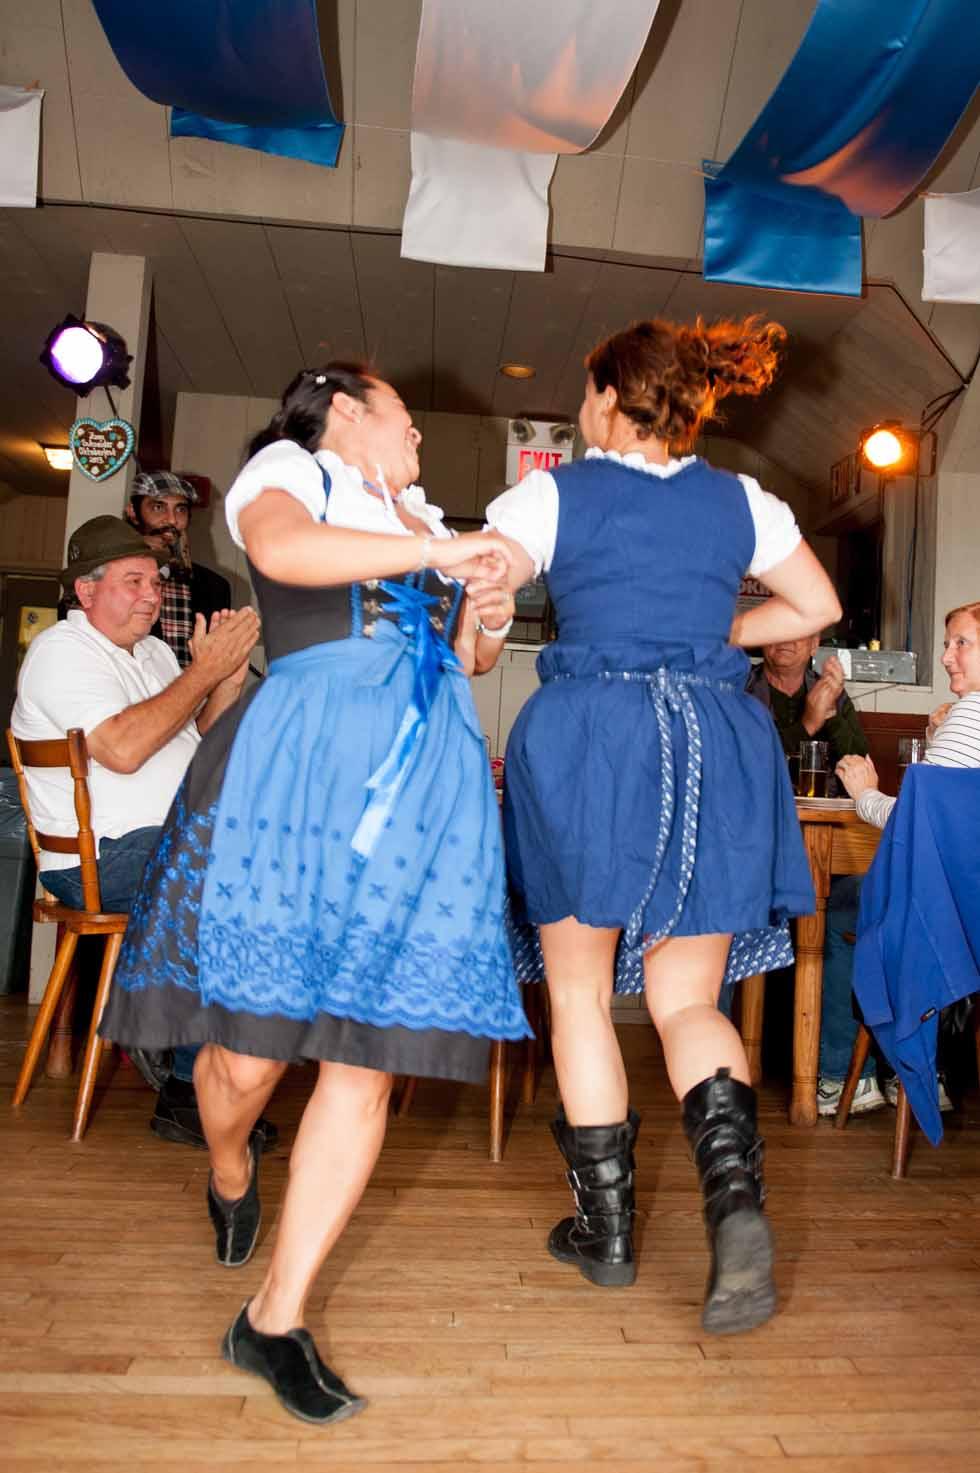 zum-schneider-montauk-2013-oktoberfest-8182.jpg